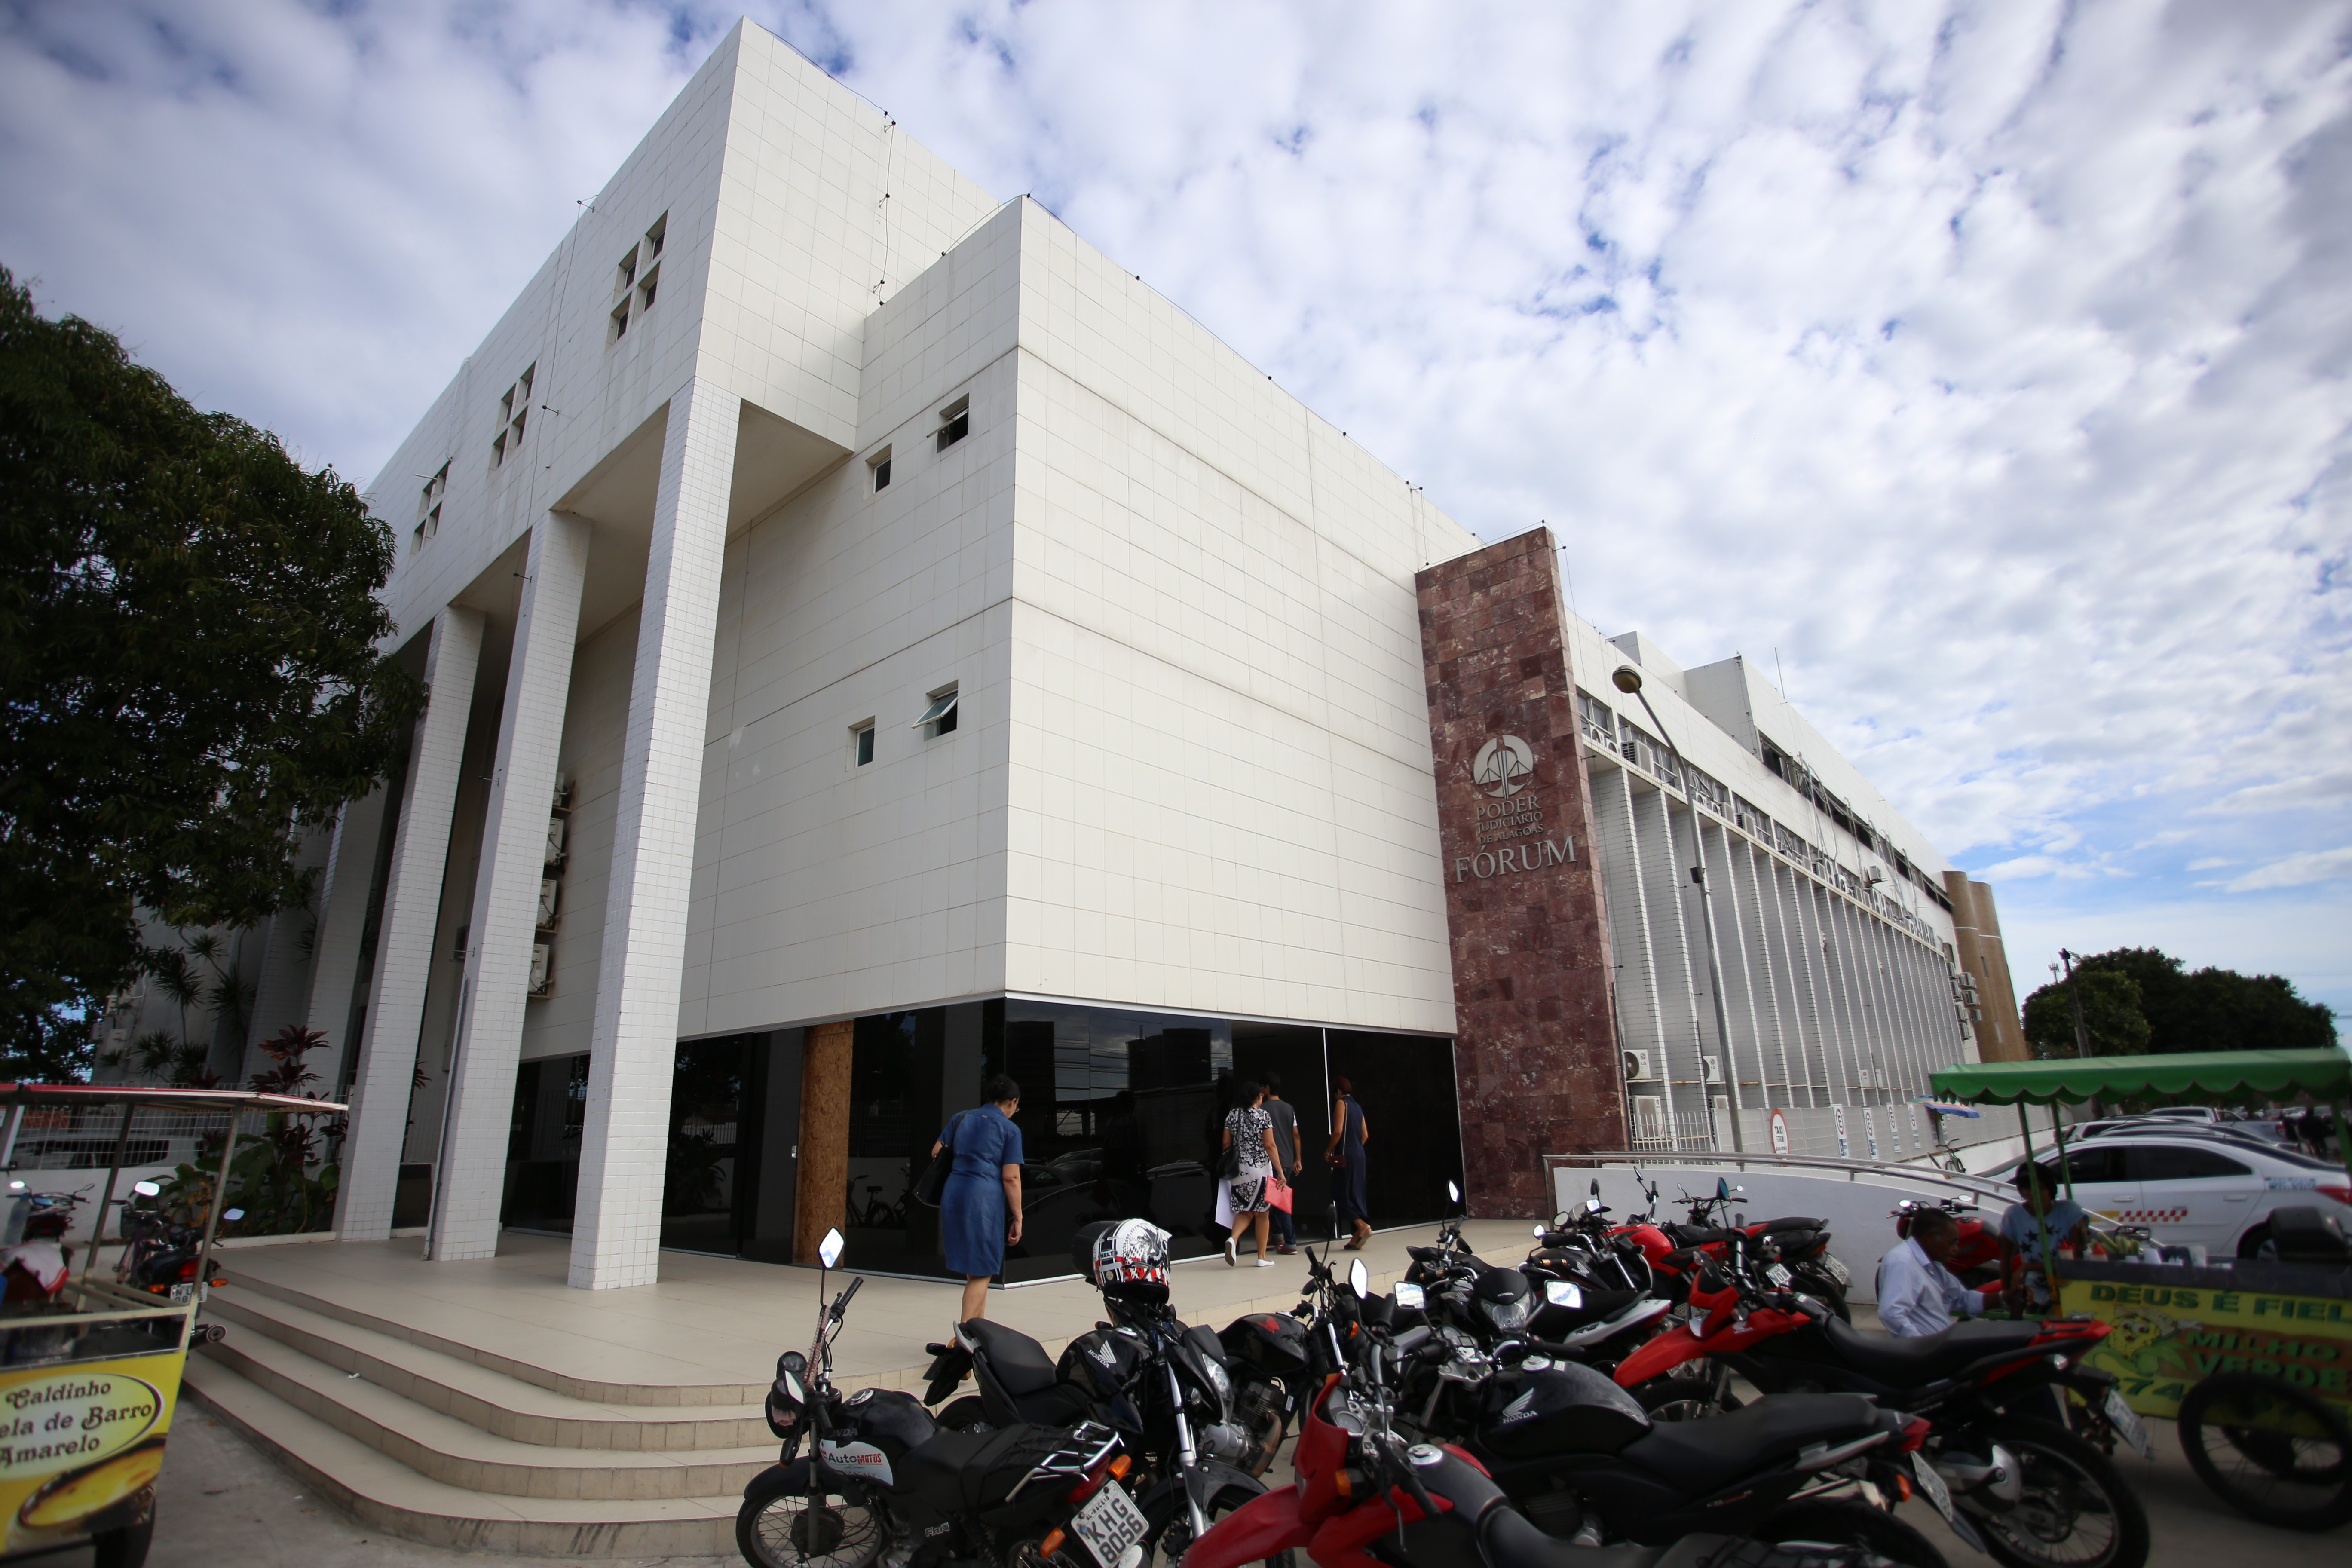 Acusada de mandar matar médico vai a júri popular 12 anos após o crime em Maceió - Notícias - Plantão Diário